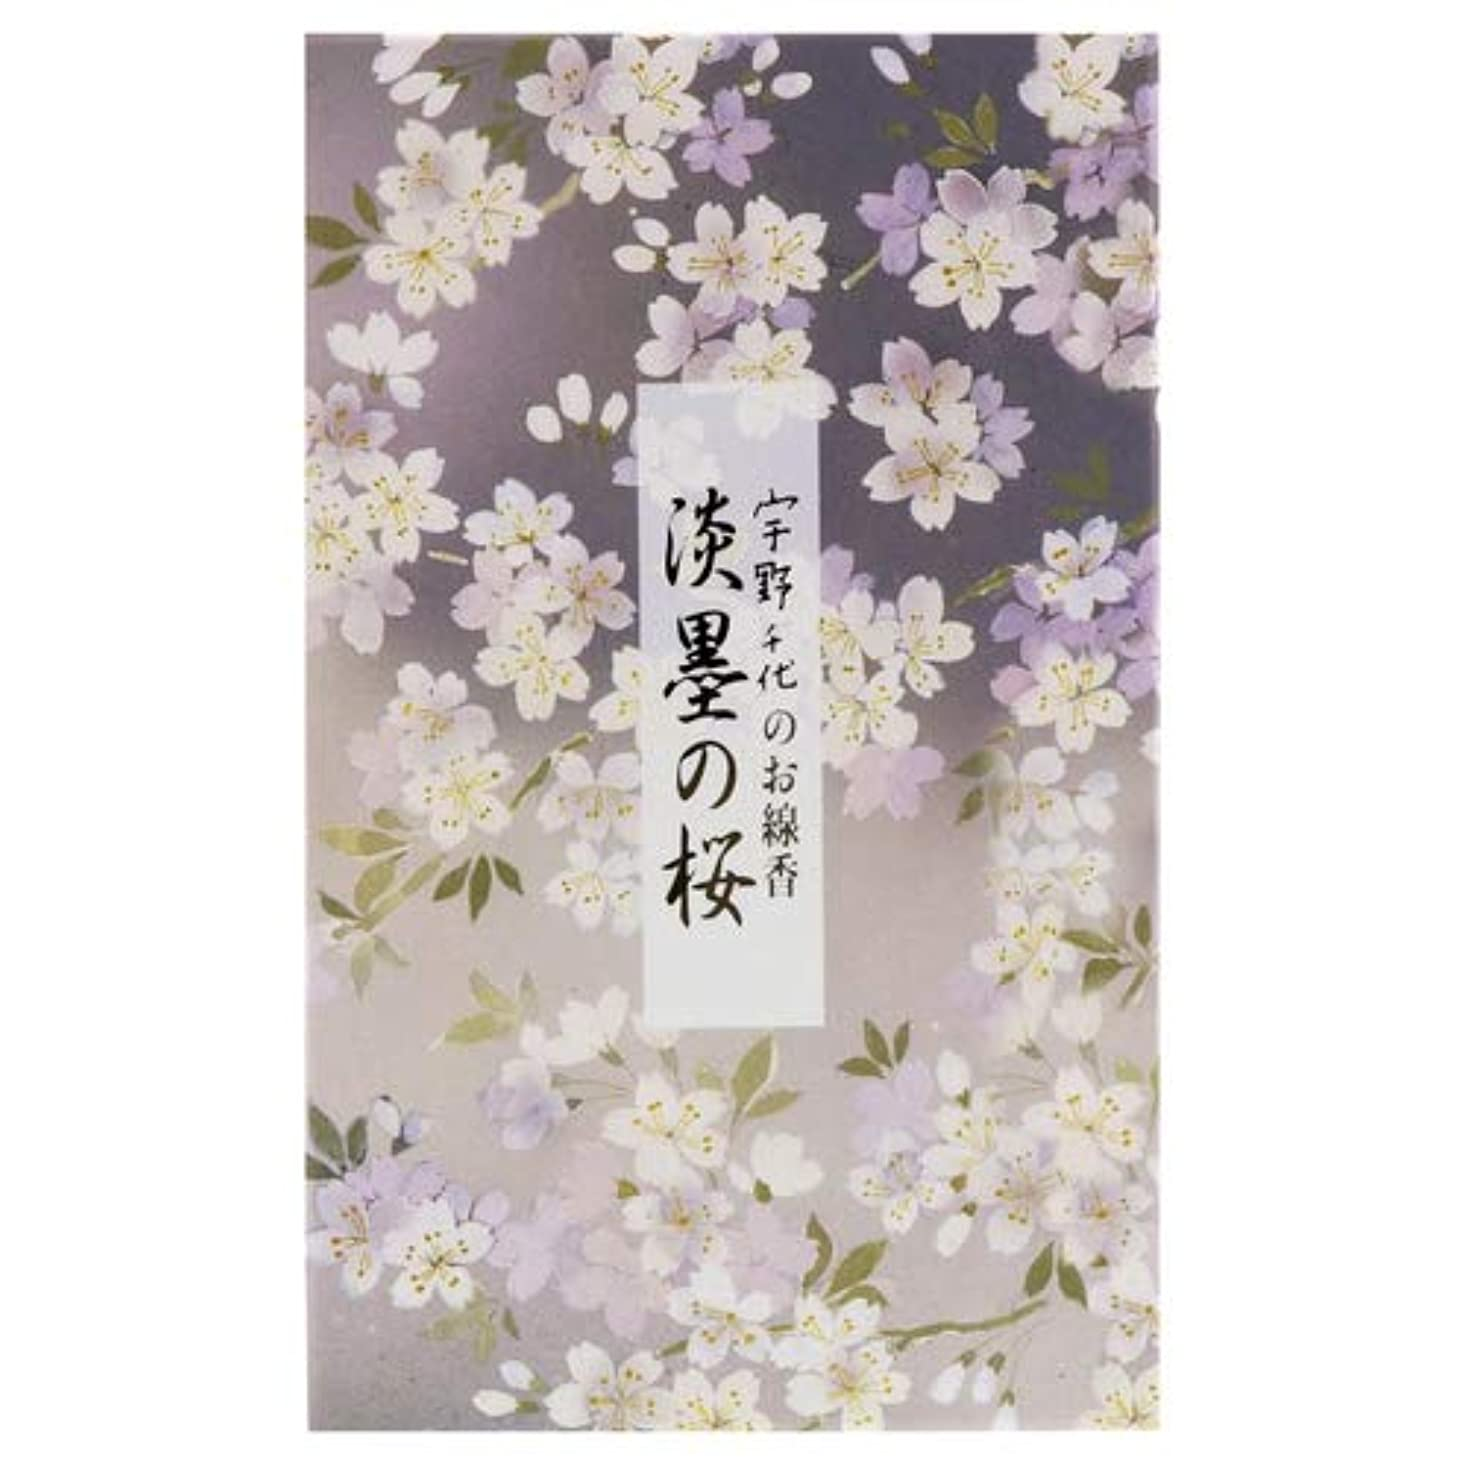 傘生産的台無しに宇野千代のお線香 淡墨の桜 バラ詰